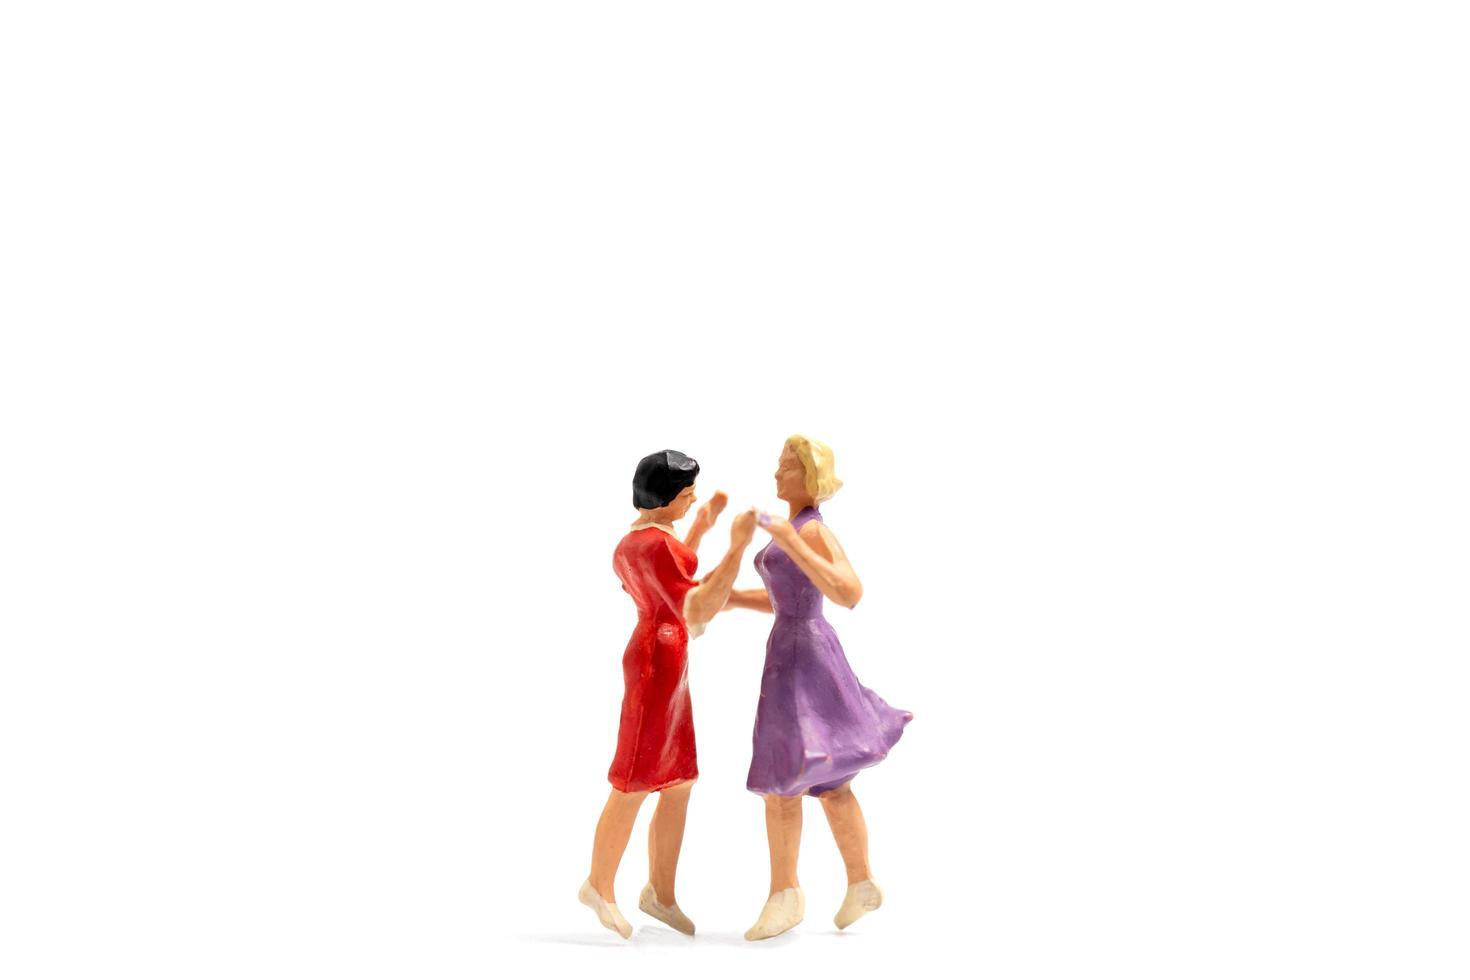 Miniaturfiguren eines lesbischen Paares, das auf weißem Hintergrund tanzt foto